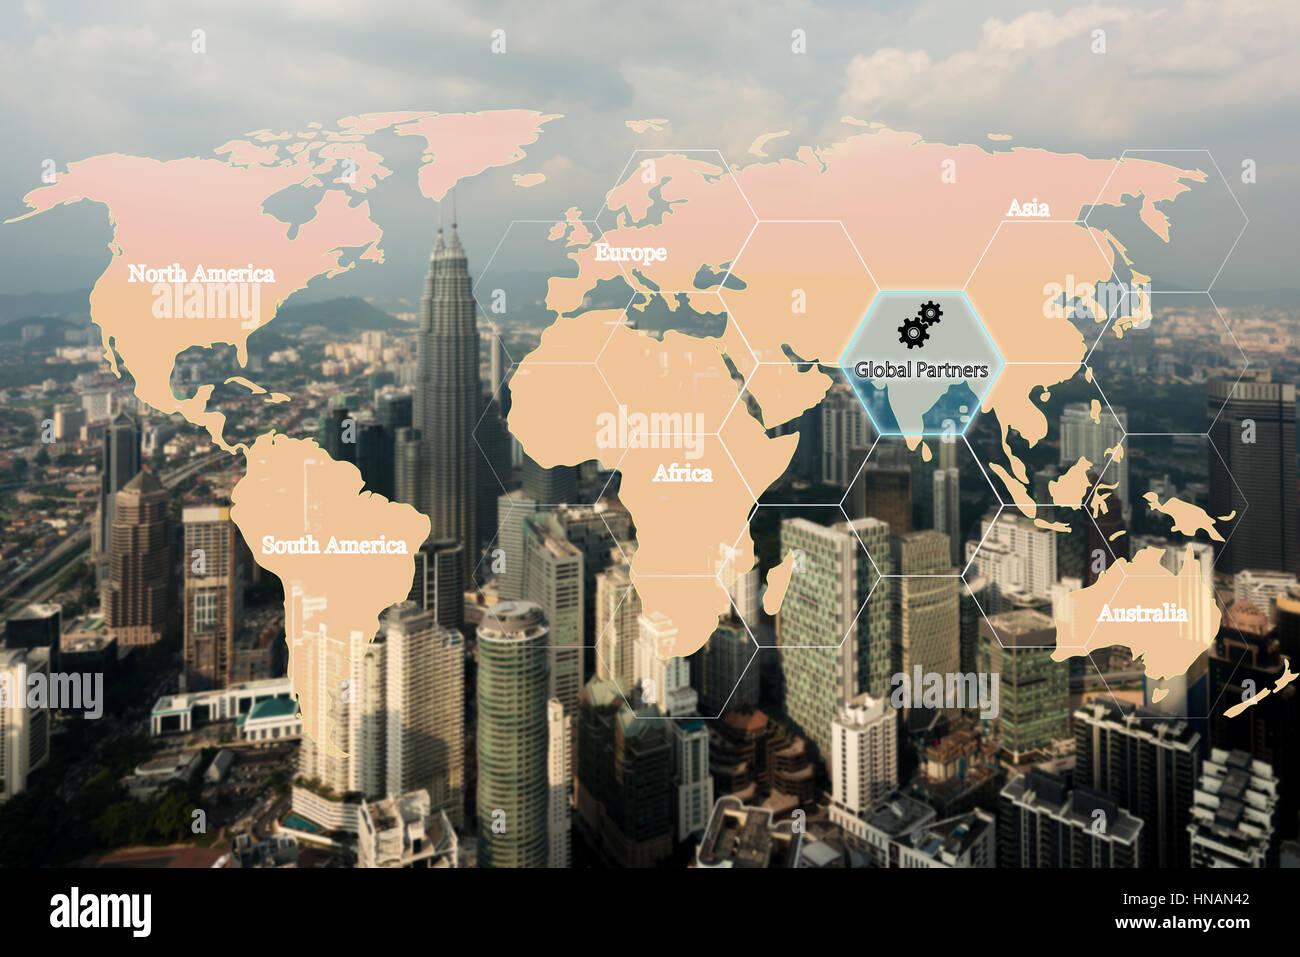 Mappa logistica globale di connessione di partenariato per la logistica Import Export sfondo, rete logistica globale Immagini Stock